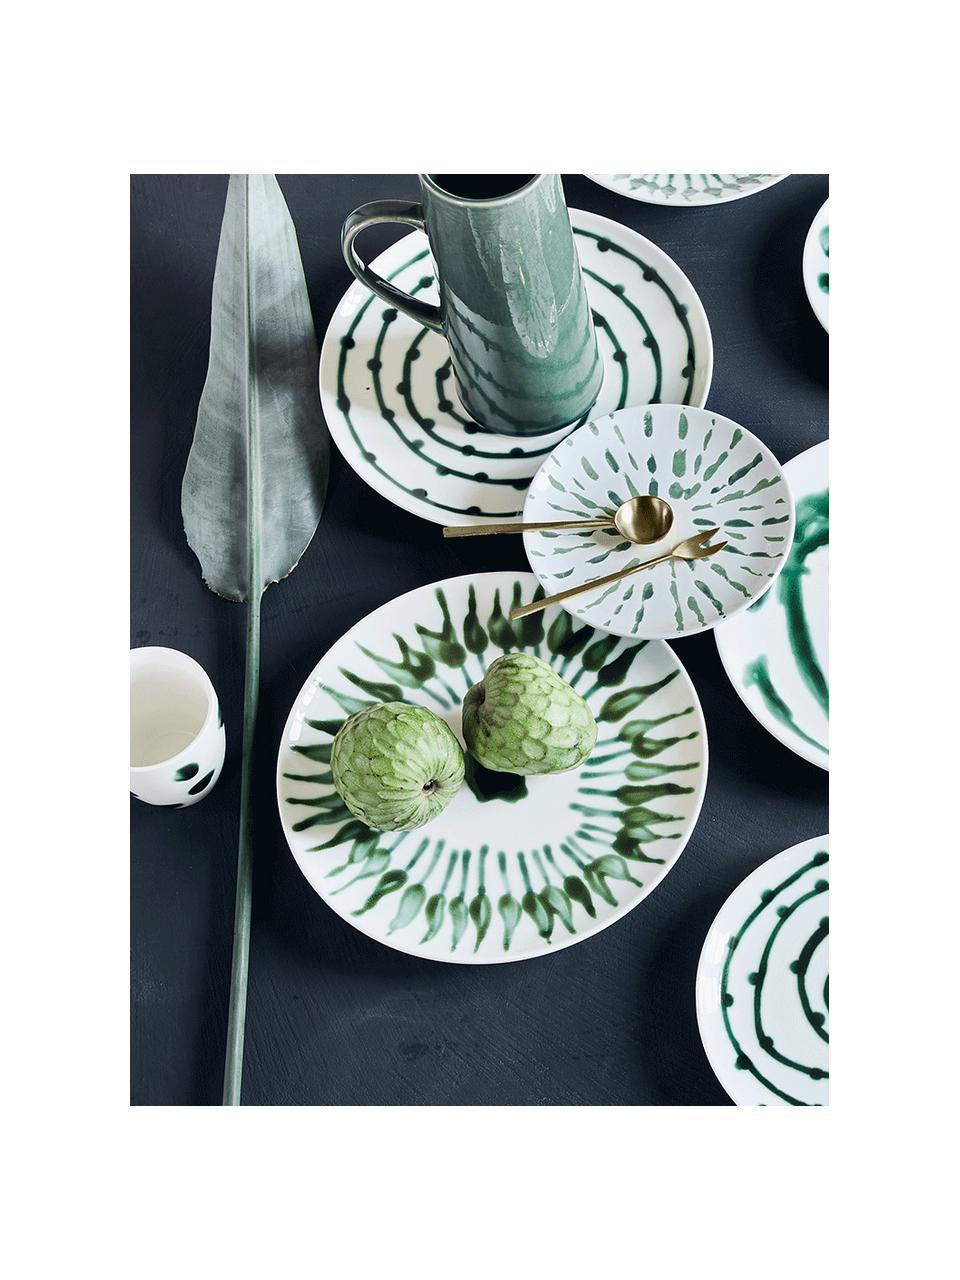 Ręcznie malowany talerz duży Sparks, Kamionka, Biały, zielony, Ø 28 cm